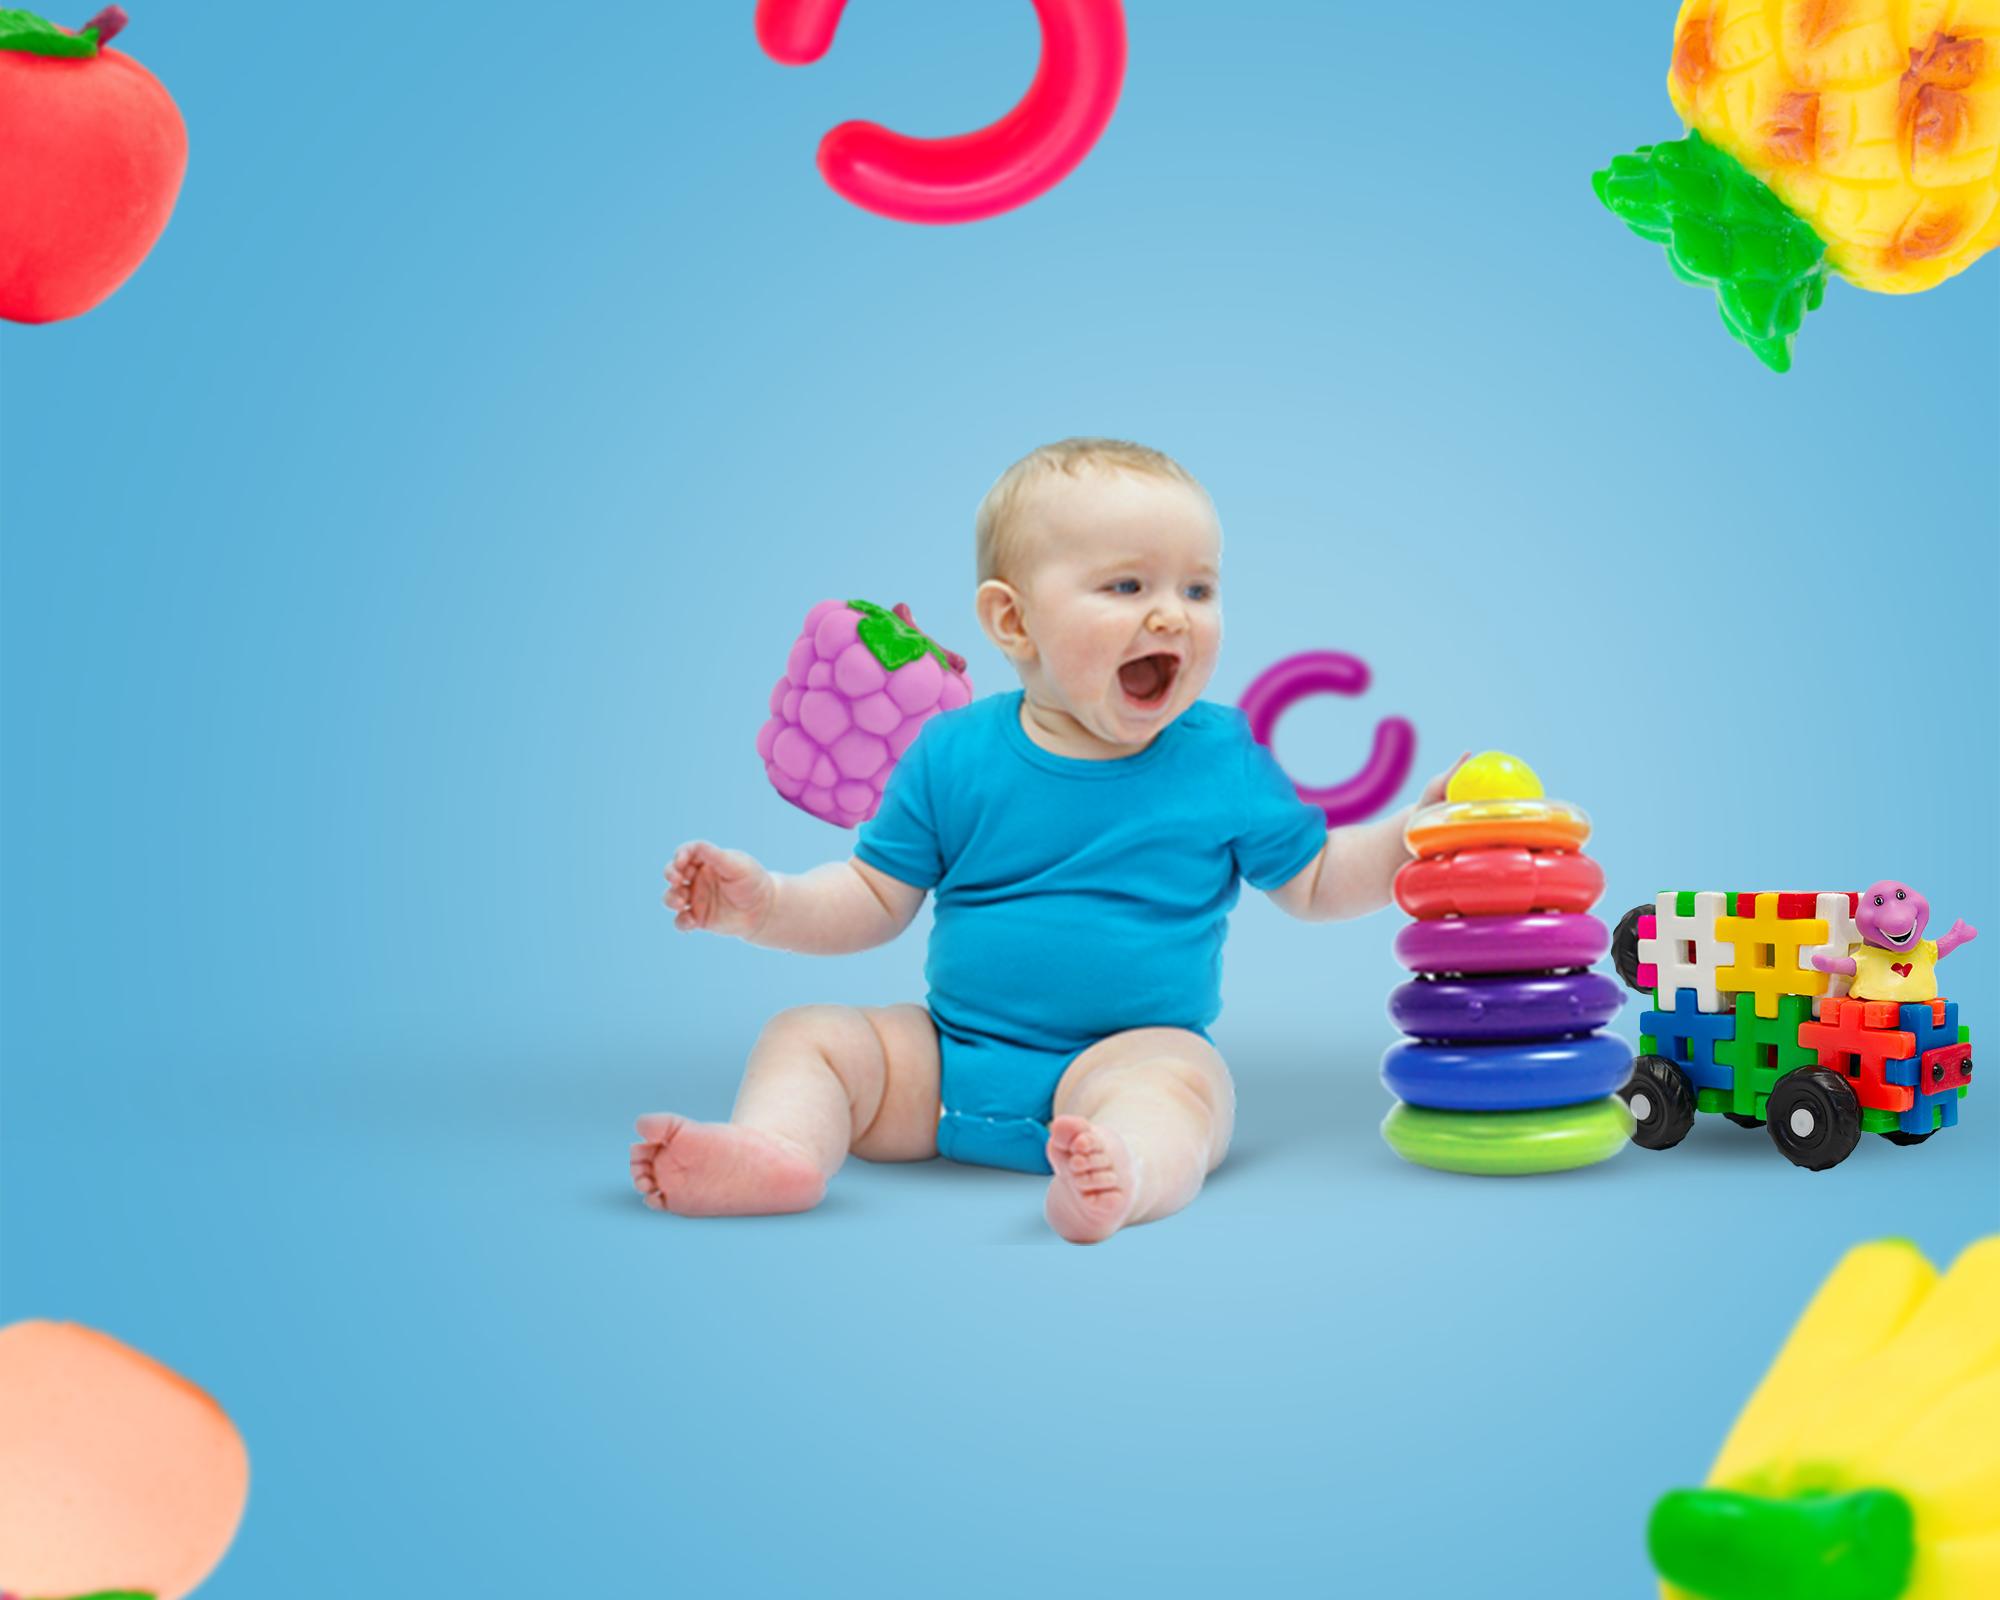 bc3b7da974 La importancia de los juguetes para el crecimiento